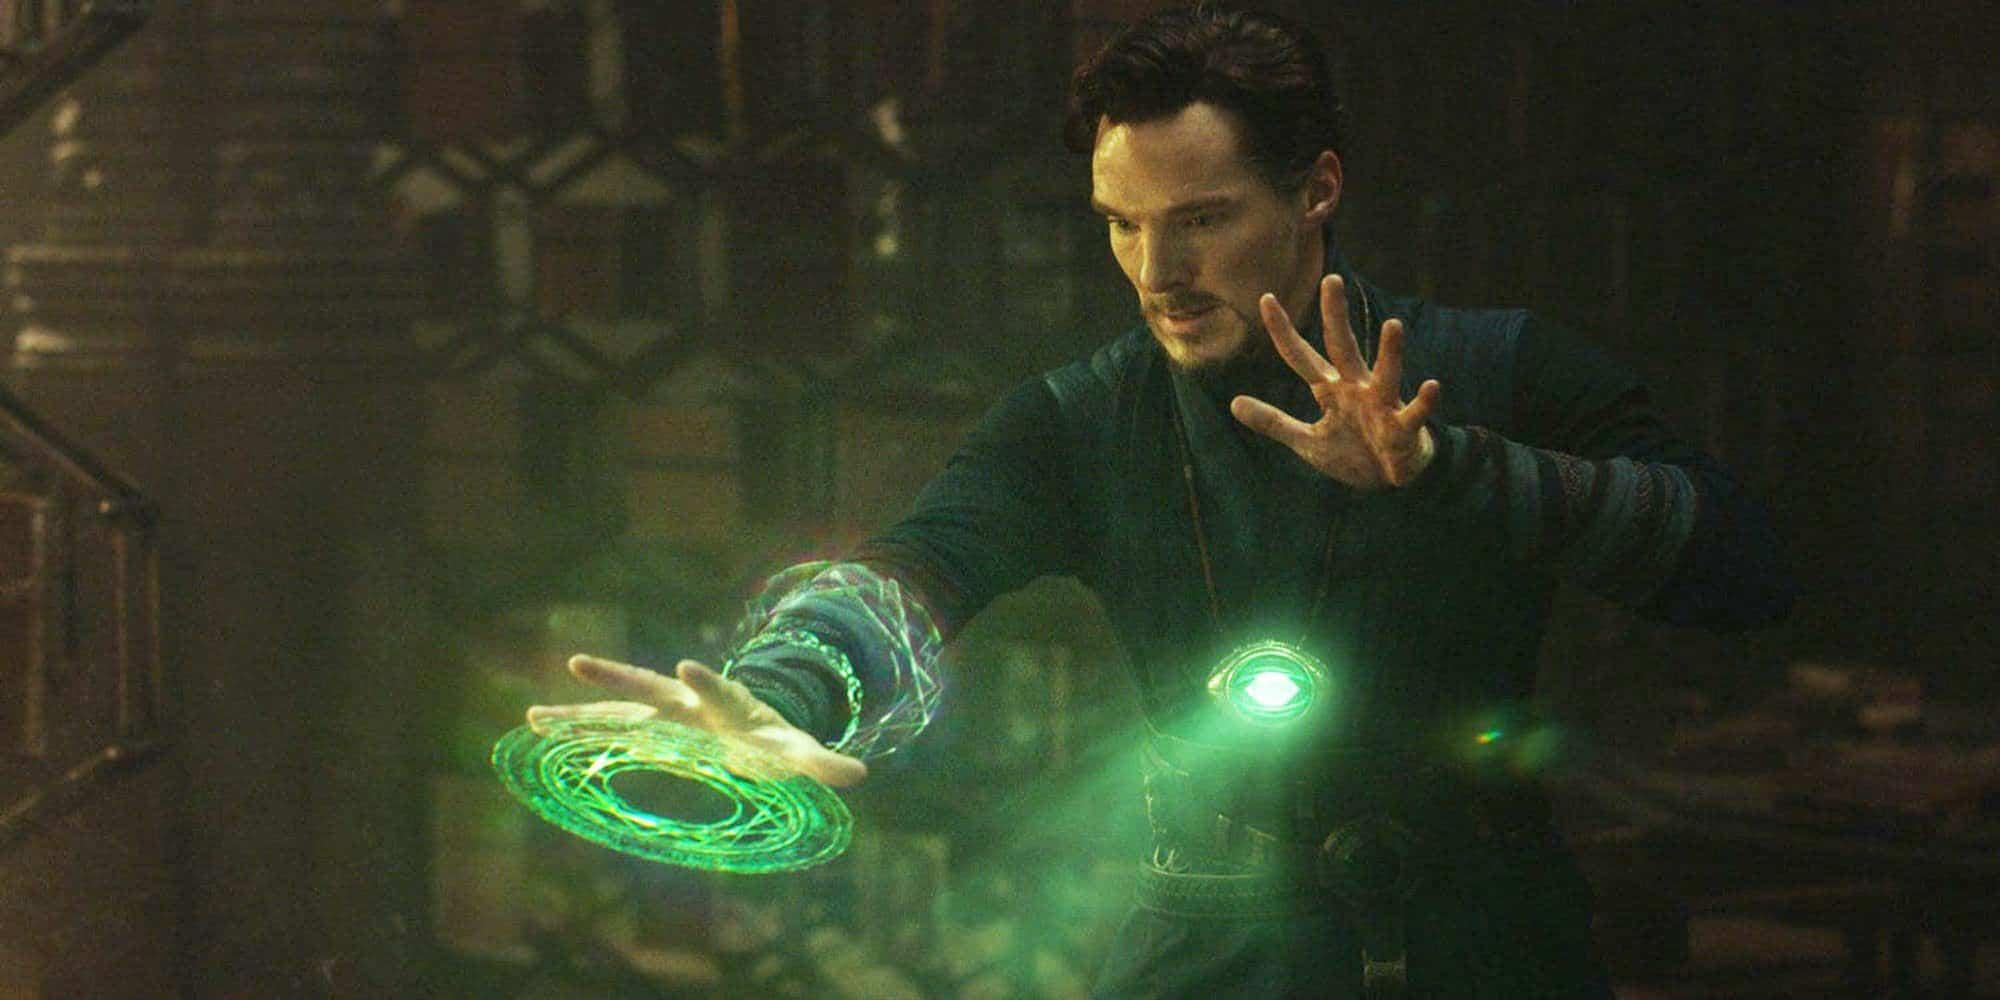 Doctor Strange 2 Could Change the Landscape of MCU